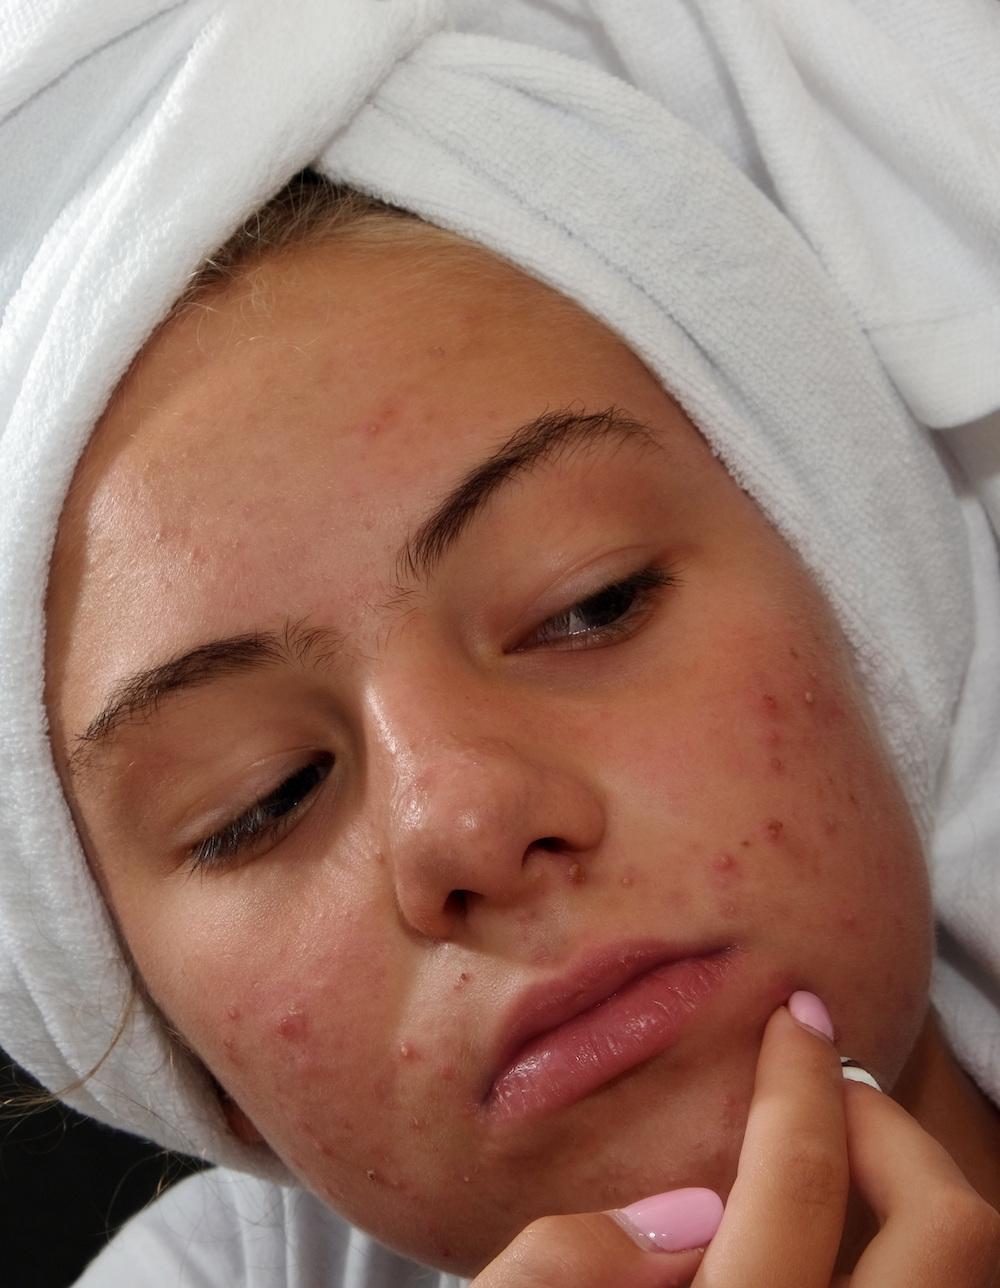 Junge Frau mit Handtuch auf dem Kopf ist unglücklich wegen Pickel Narben im Gesicht